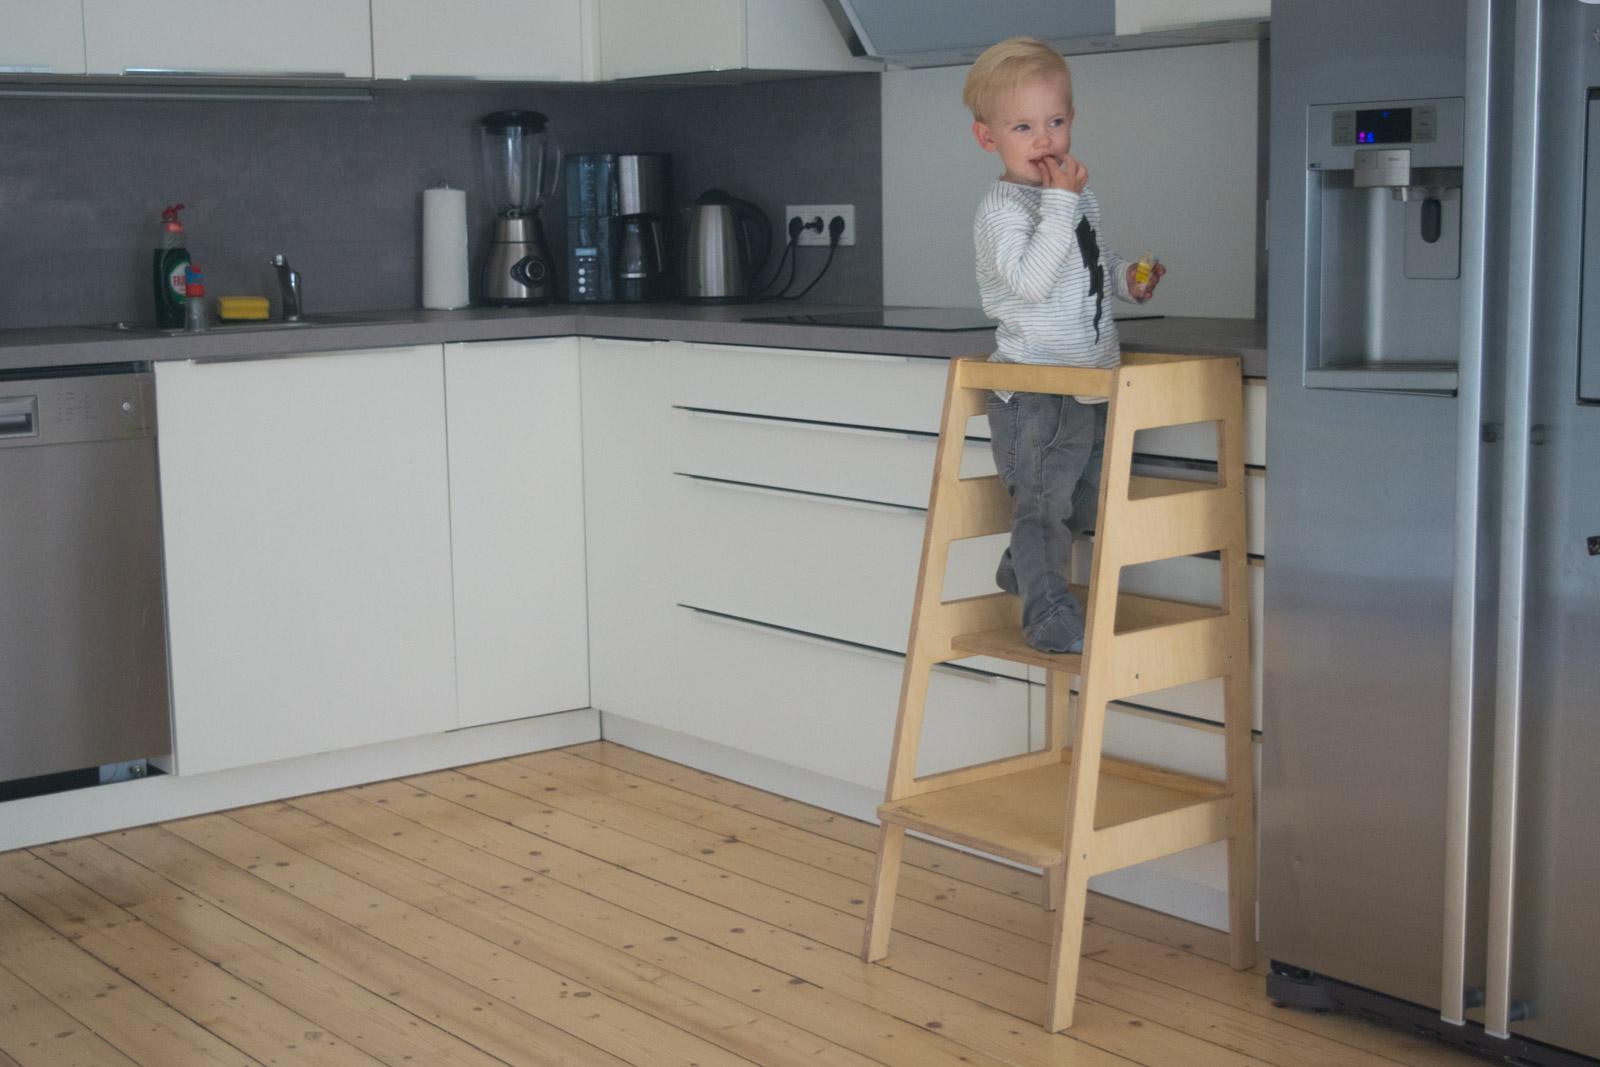 lernturm learning tower monti das bewegte kind hack ikea diy montessori 1 von 1 trendshock. Black Bedroom Furniture Sets. Home Design Ideas